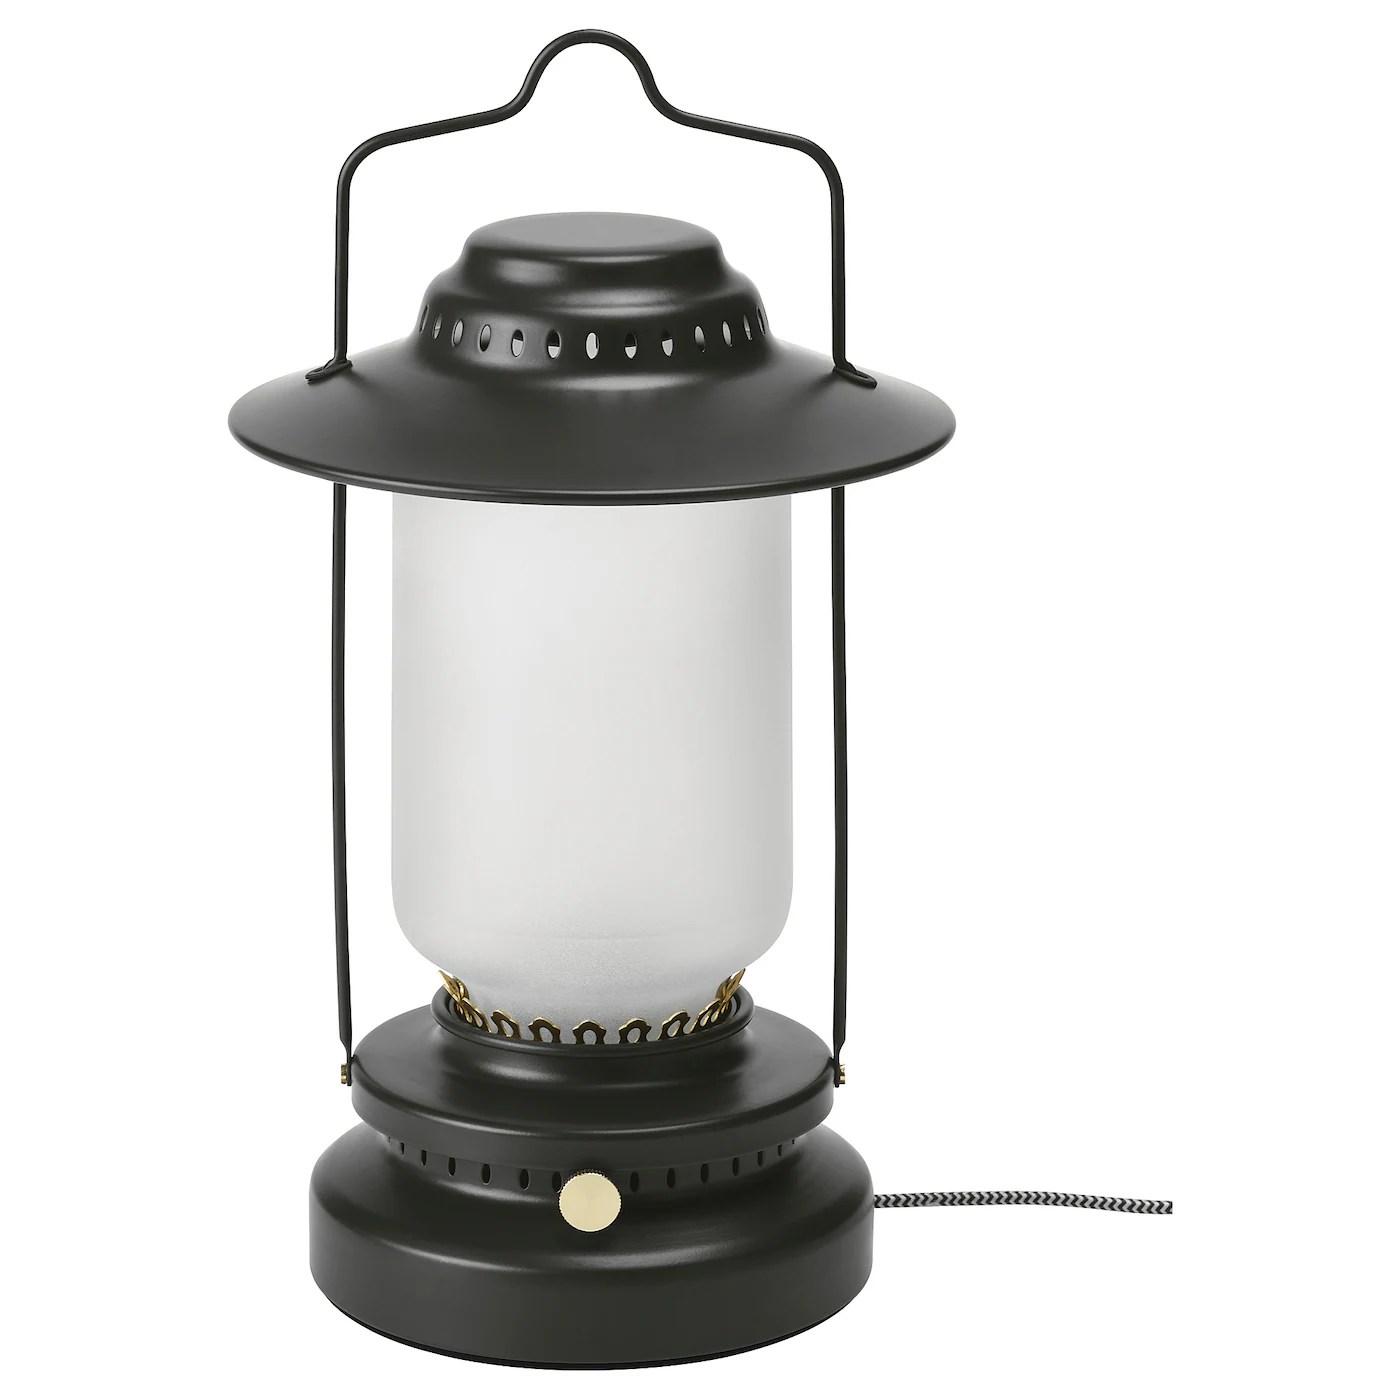 Storhaga Lampe De Table De Jardin A Led Intensite Reglable Noir 35 Cm Ikea Ikea